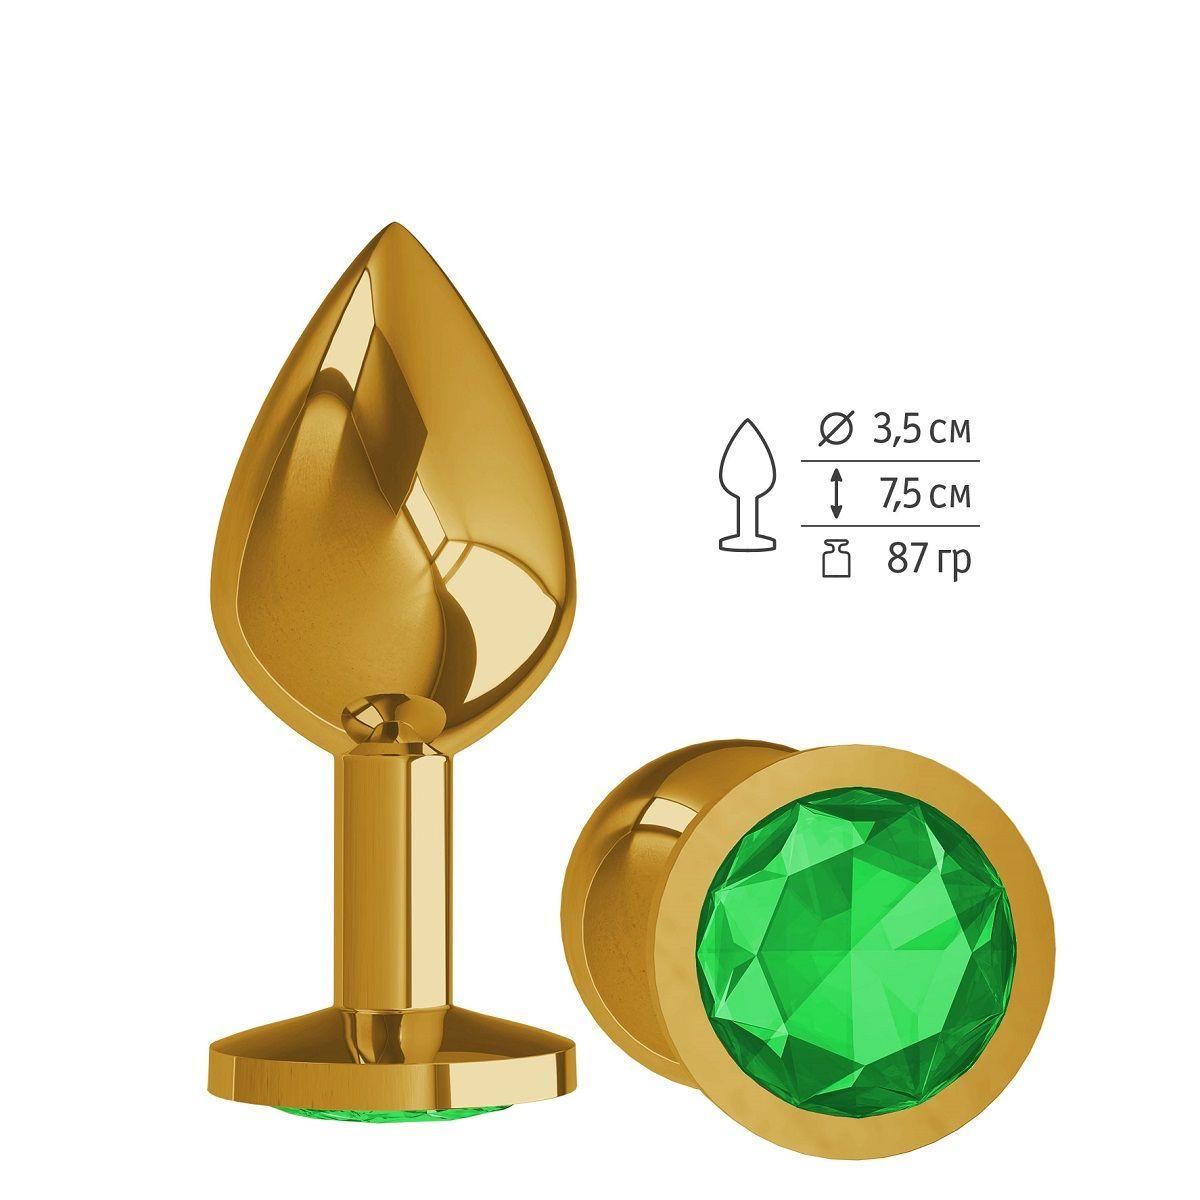 Золотистая средняя пробка с зеленым кристаллом - 8,5 см. - фото 154104